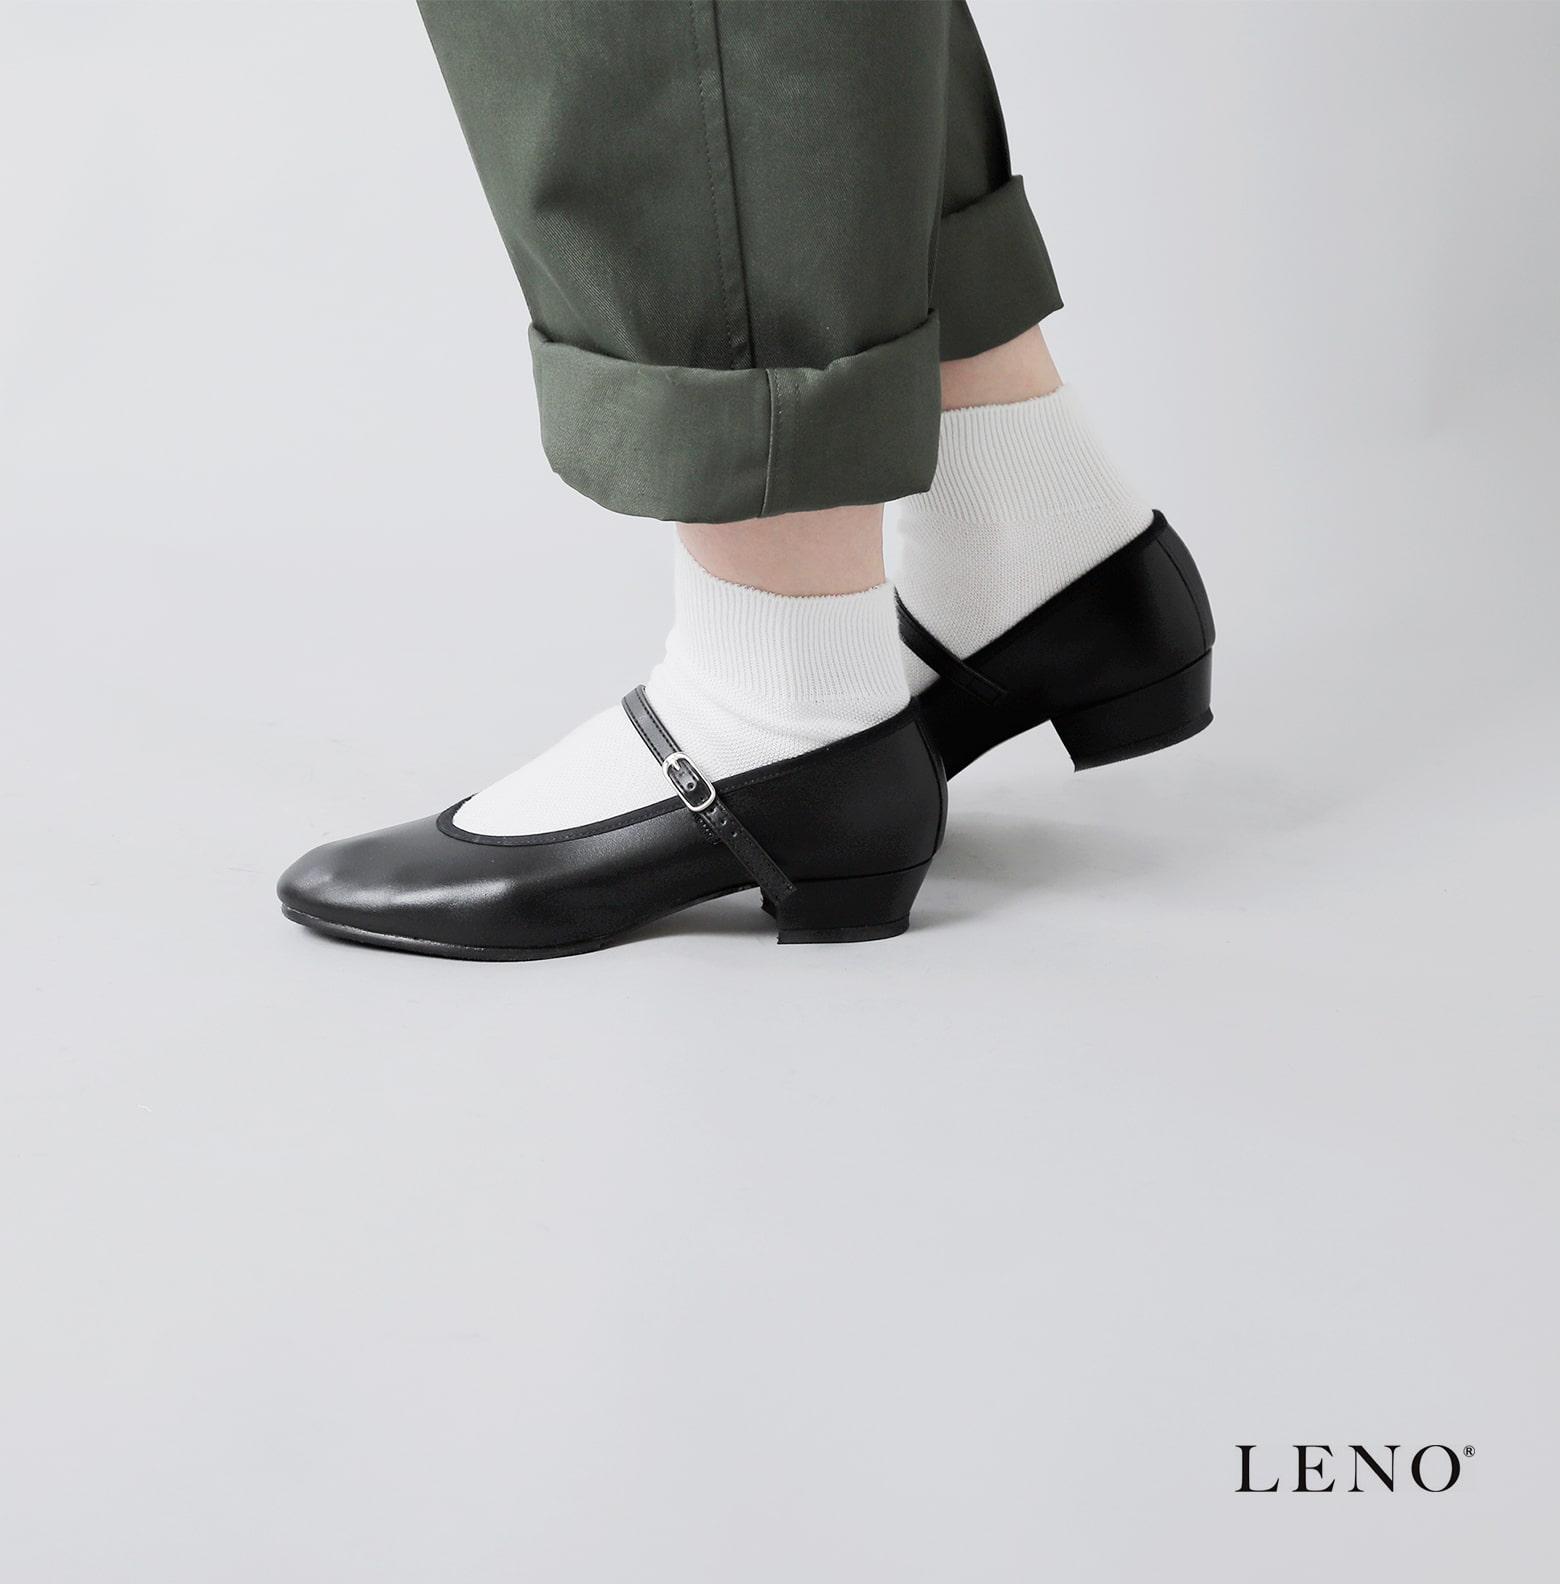 LENO(リノ)コットンピケソックス l1901-s002